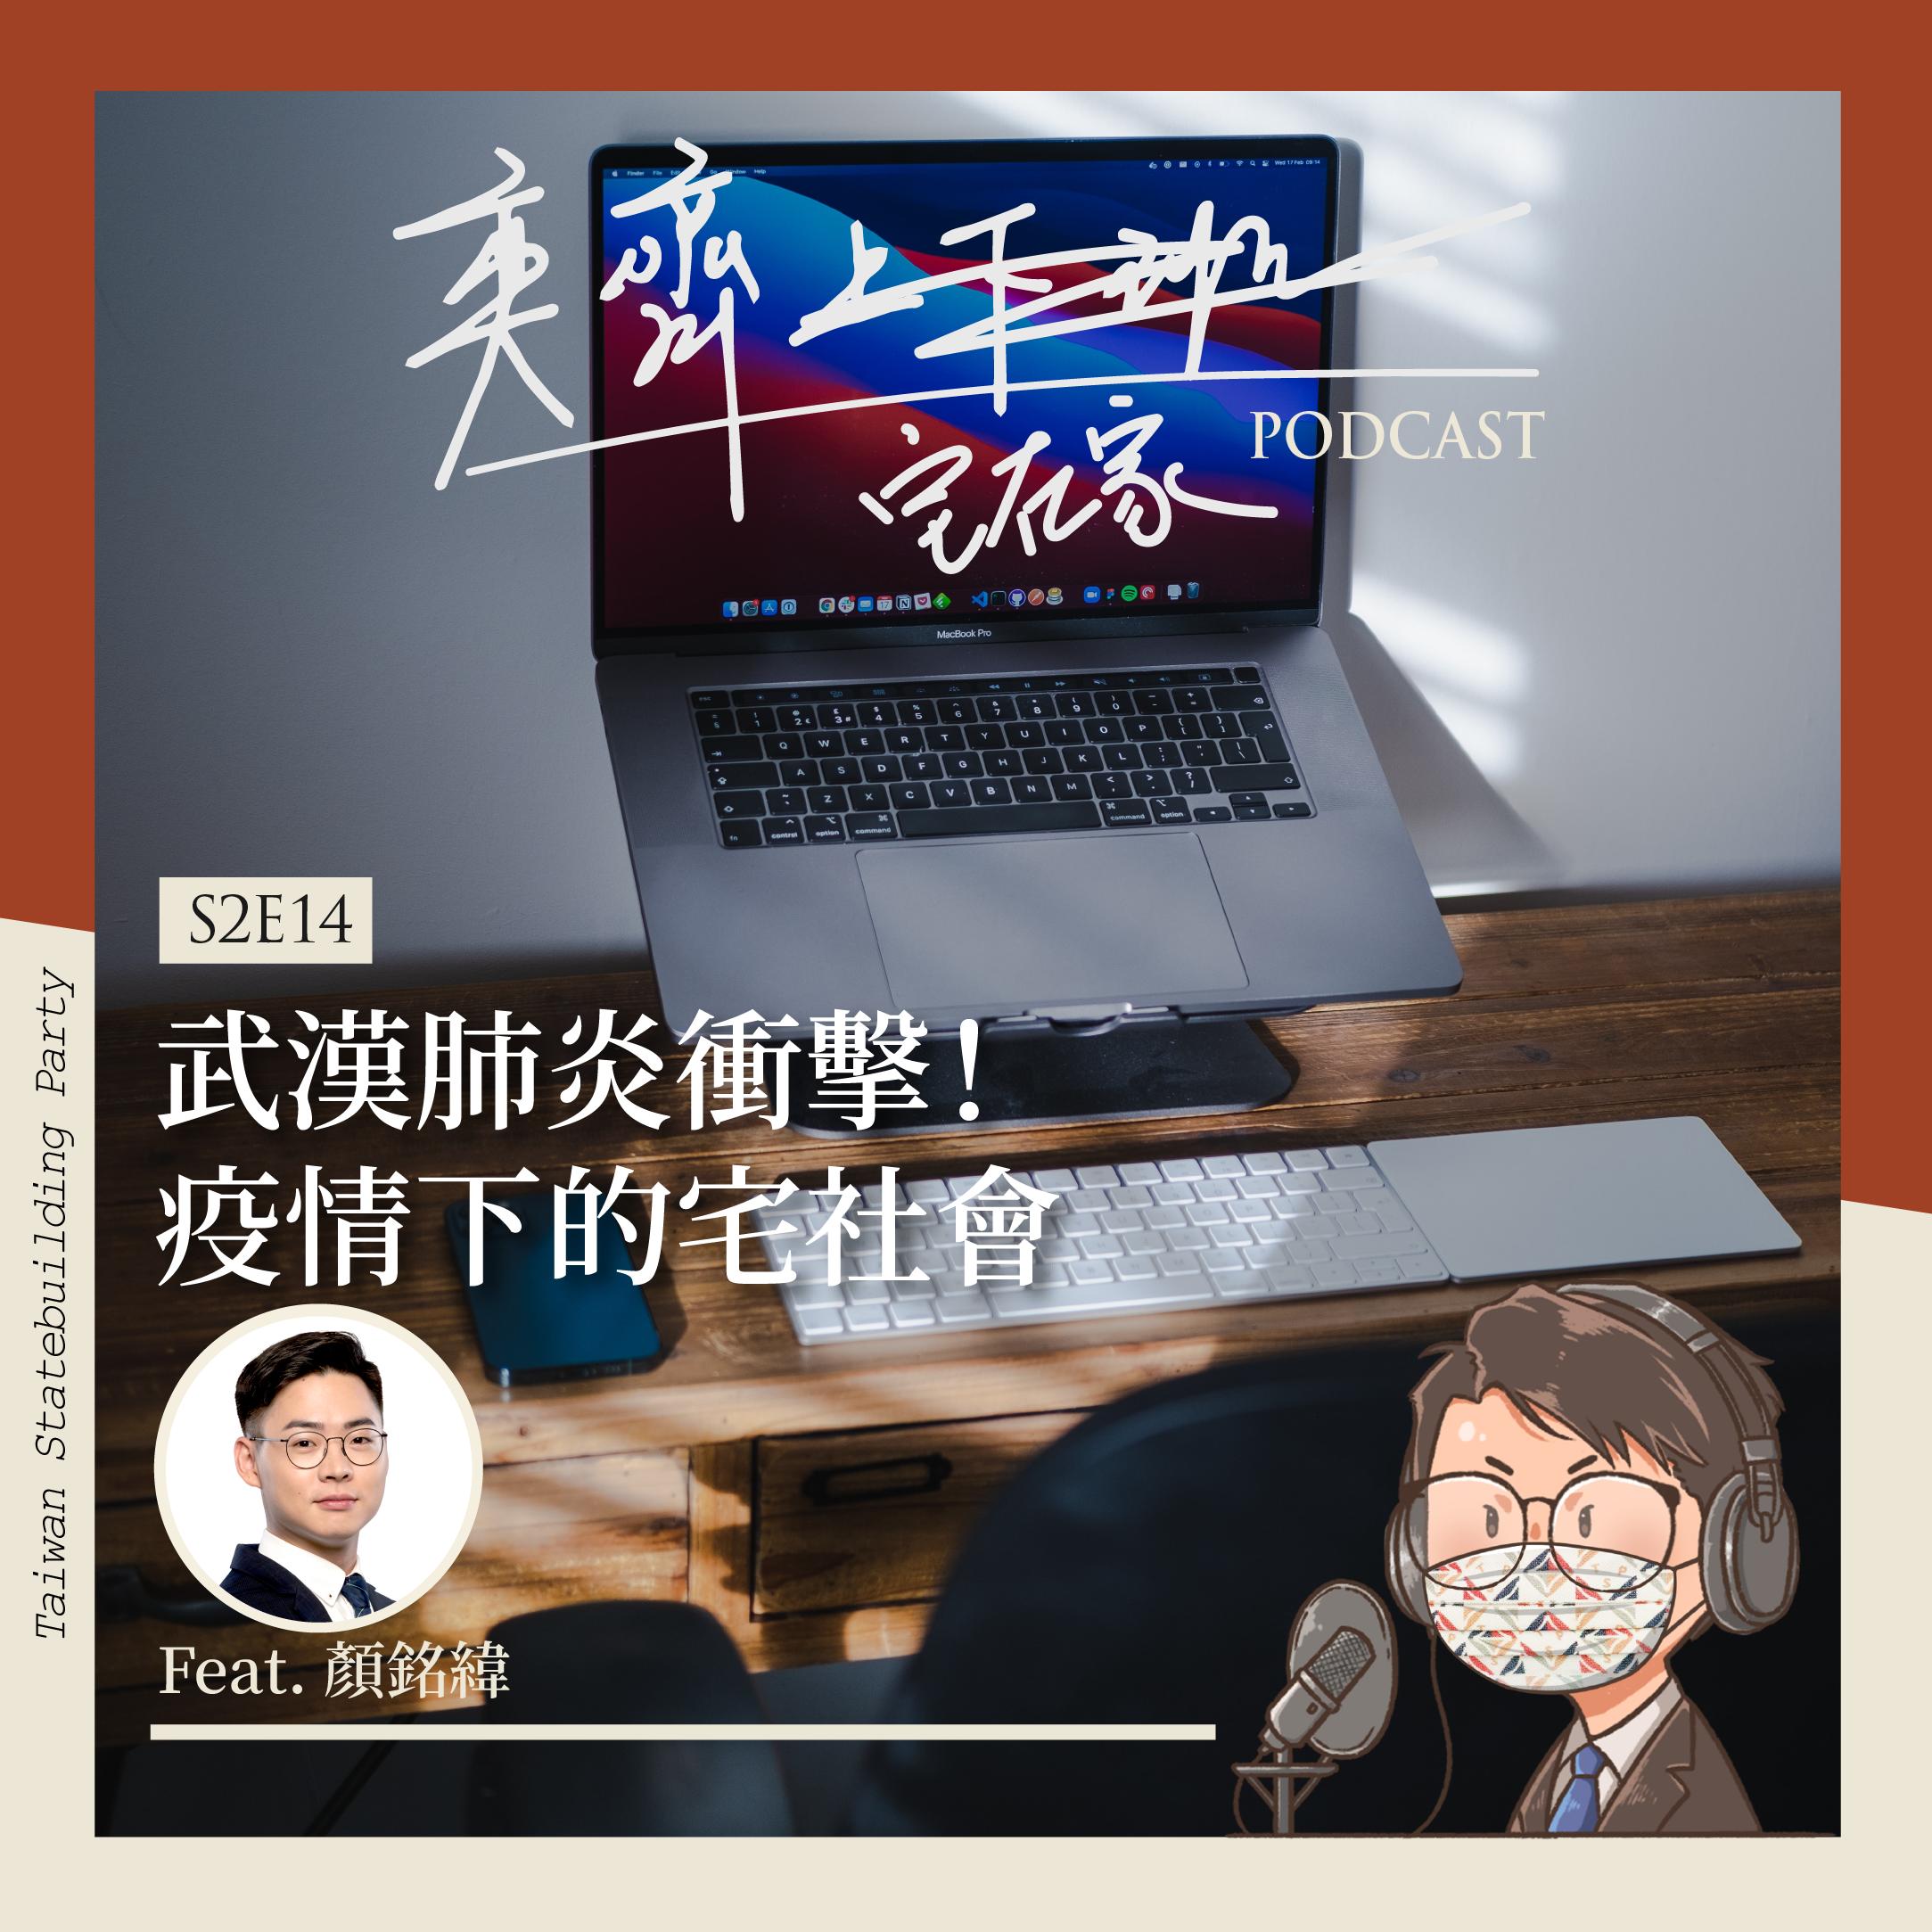 S2E14 武漢肺炎衝擊!疫情下的宅社會 Feat. 顏銘緯